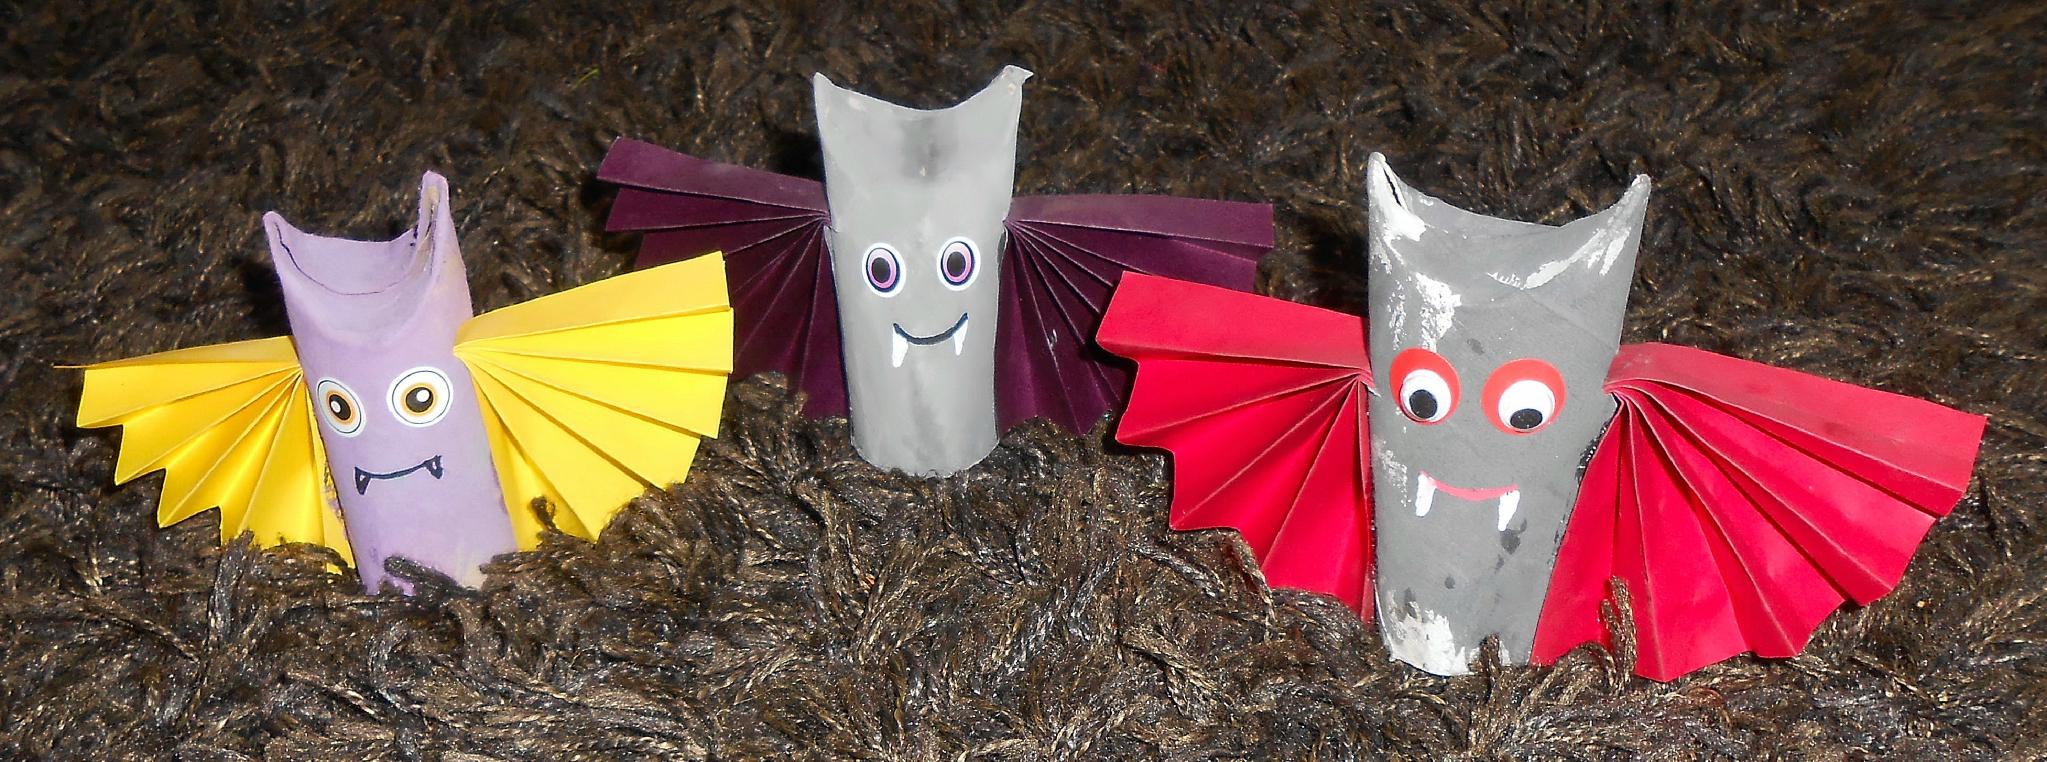 D Coration Faire Pour Halloween Avec Des Rouleaux De Papiers Toilettes Astuces Bricolage